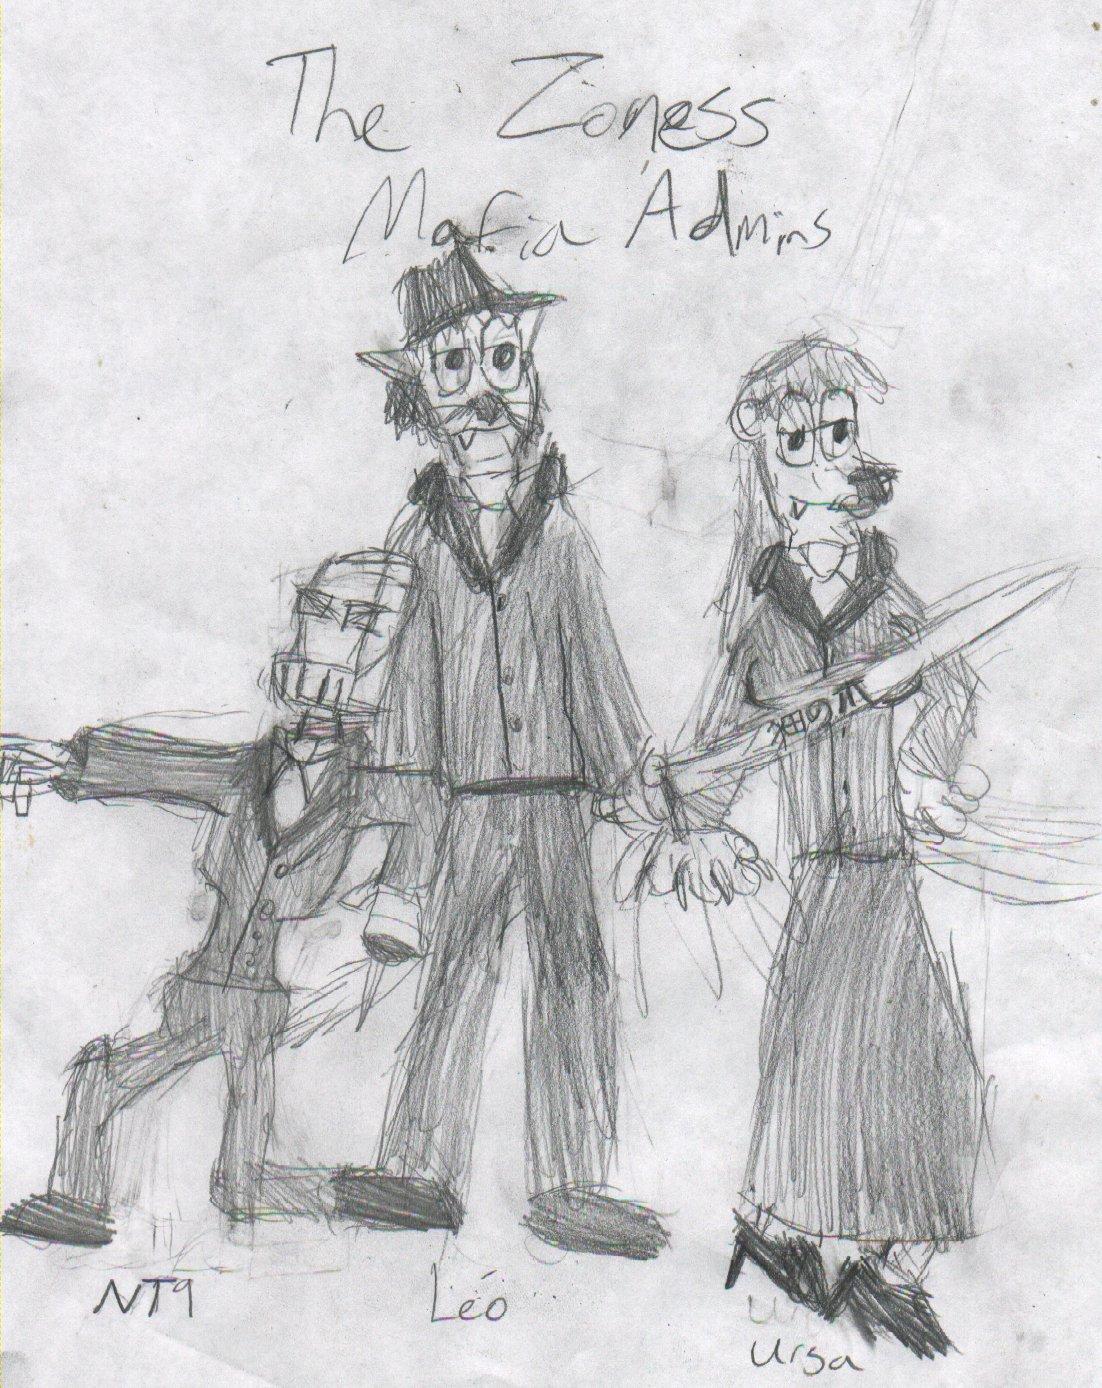 Zoness Mafia Admins by pieandchips666